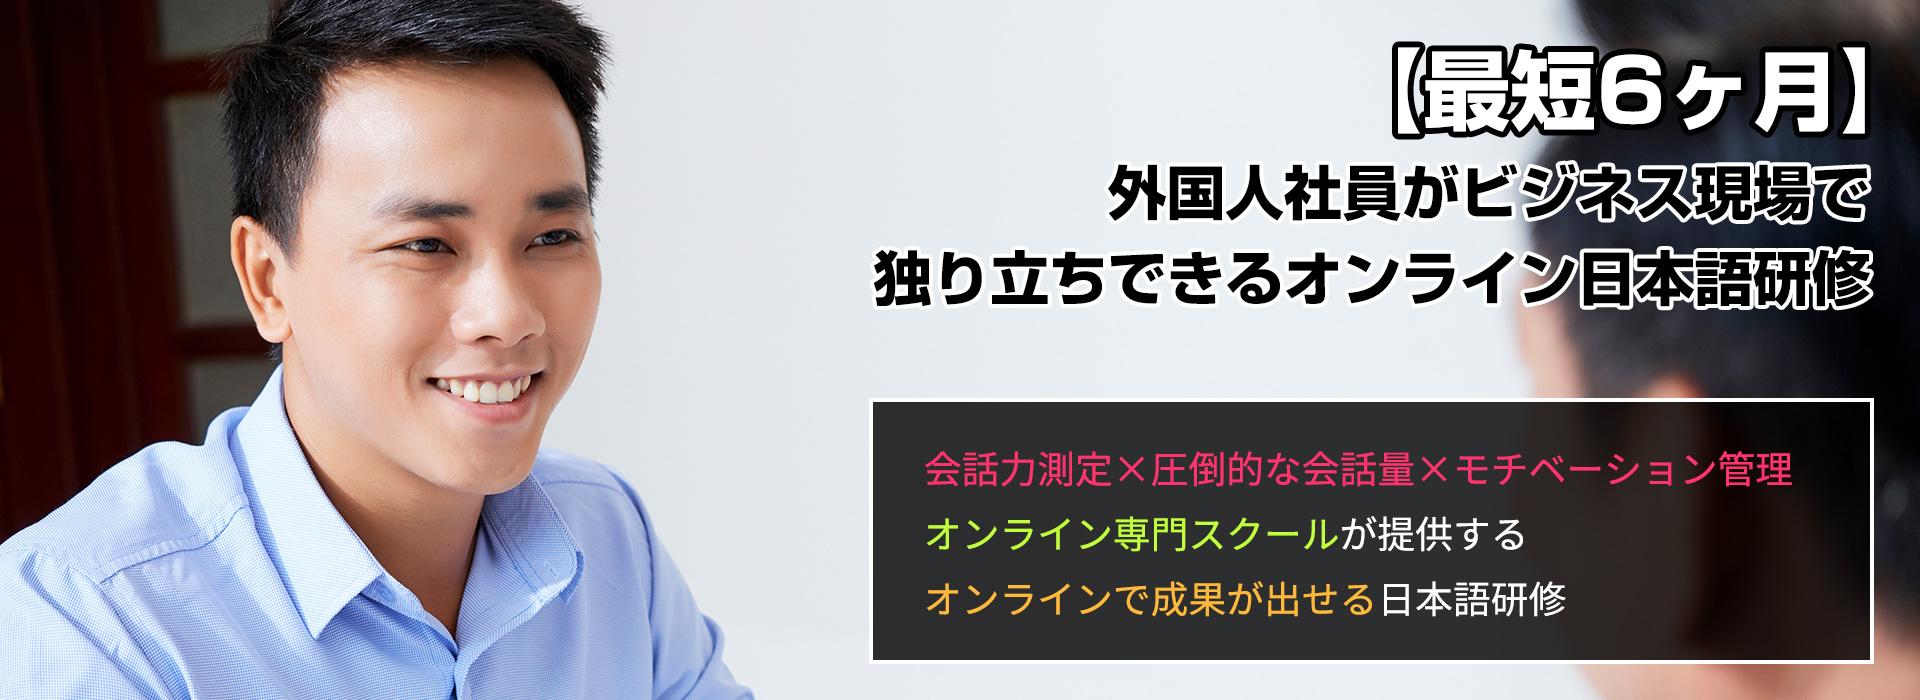 【最短6ヶ月】外国人社員がビジネス現場で独り立ちできるオンライン日本語研修